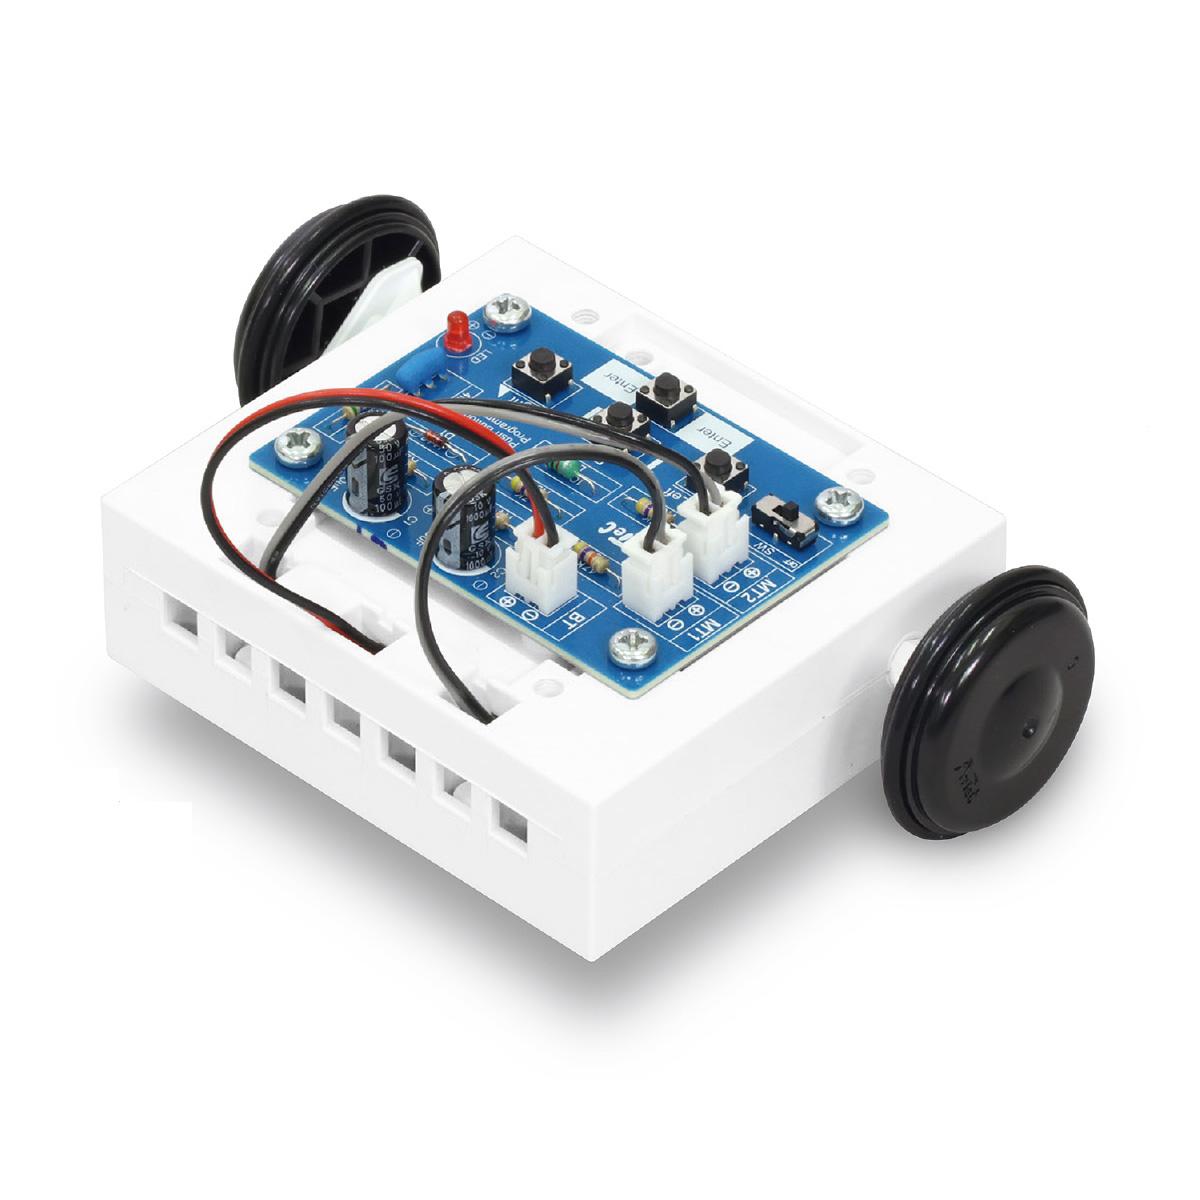 簡単ボタン 制御ロボ 基板未組立 技術 工作 ロボ パーツ 自由研究 中学生 クリスマスプレゼント